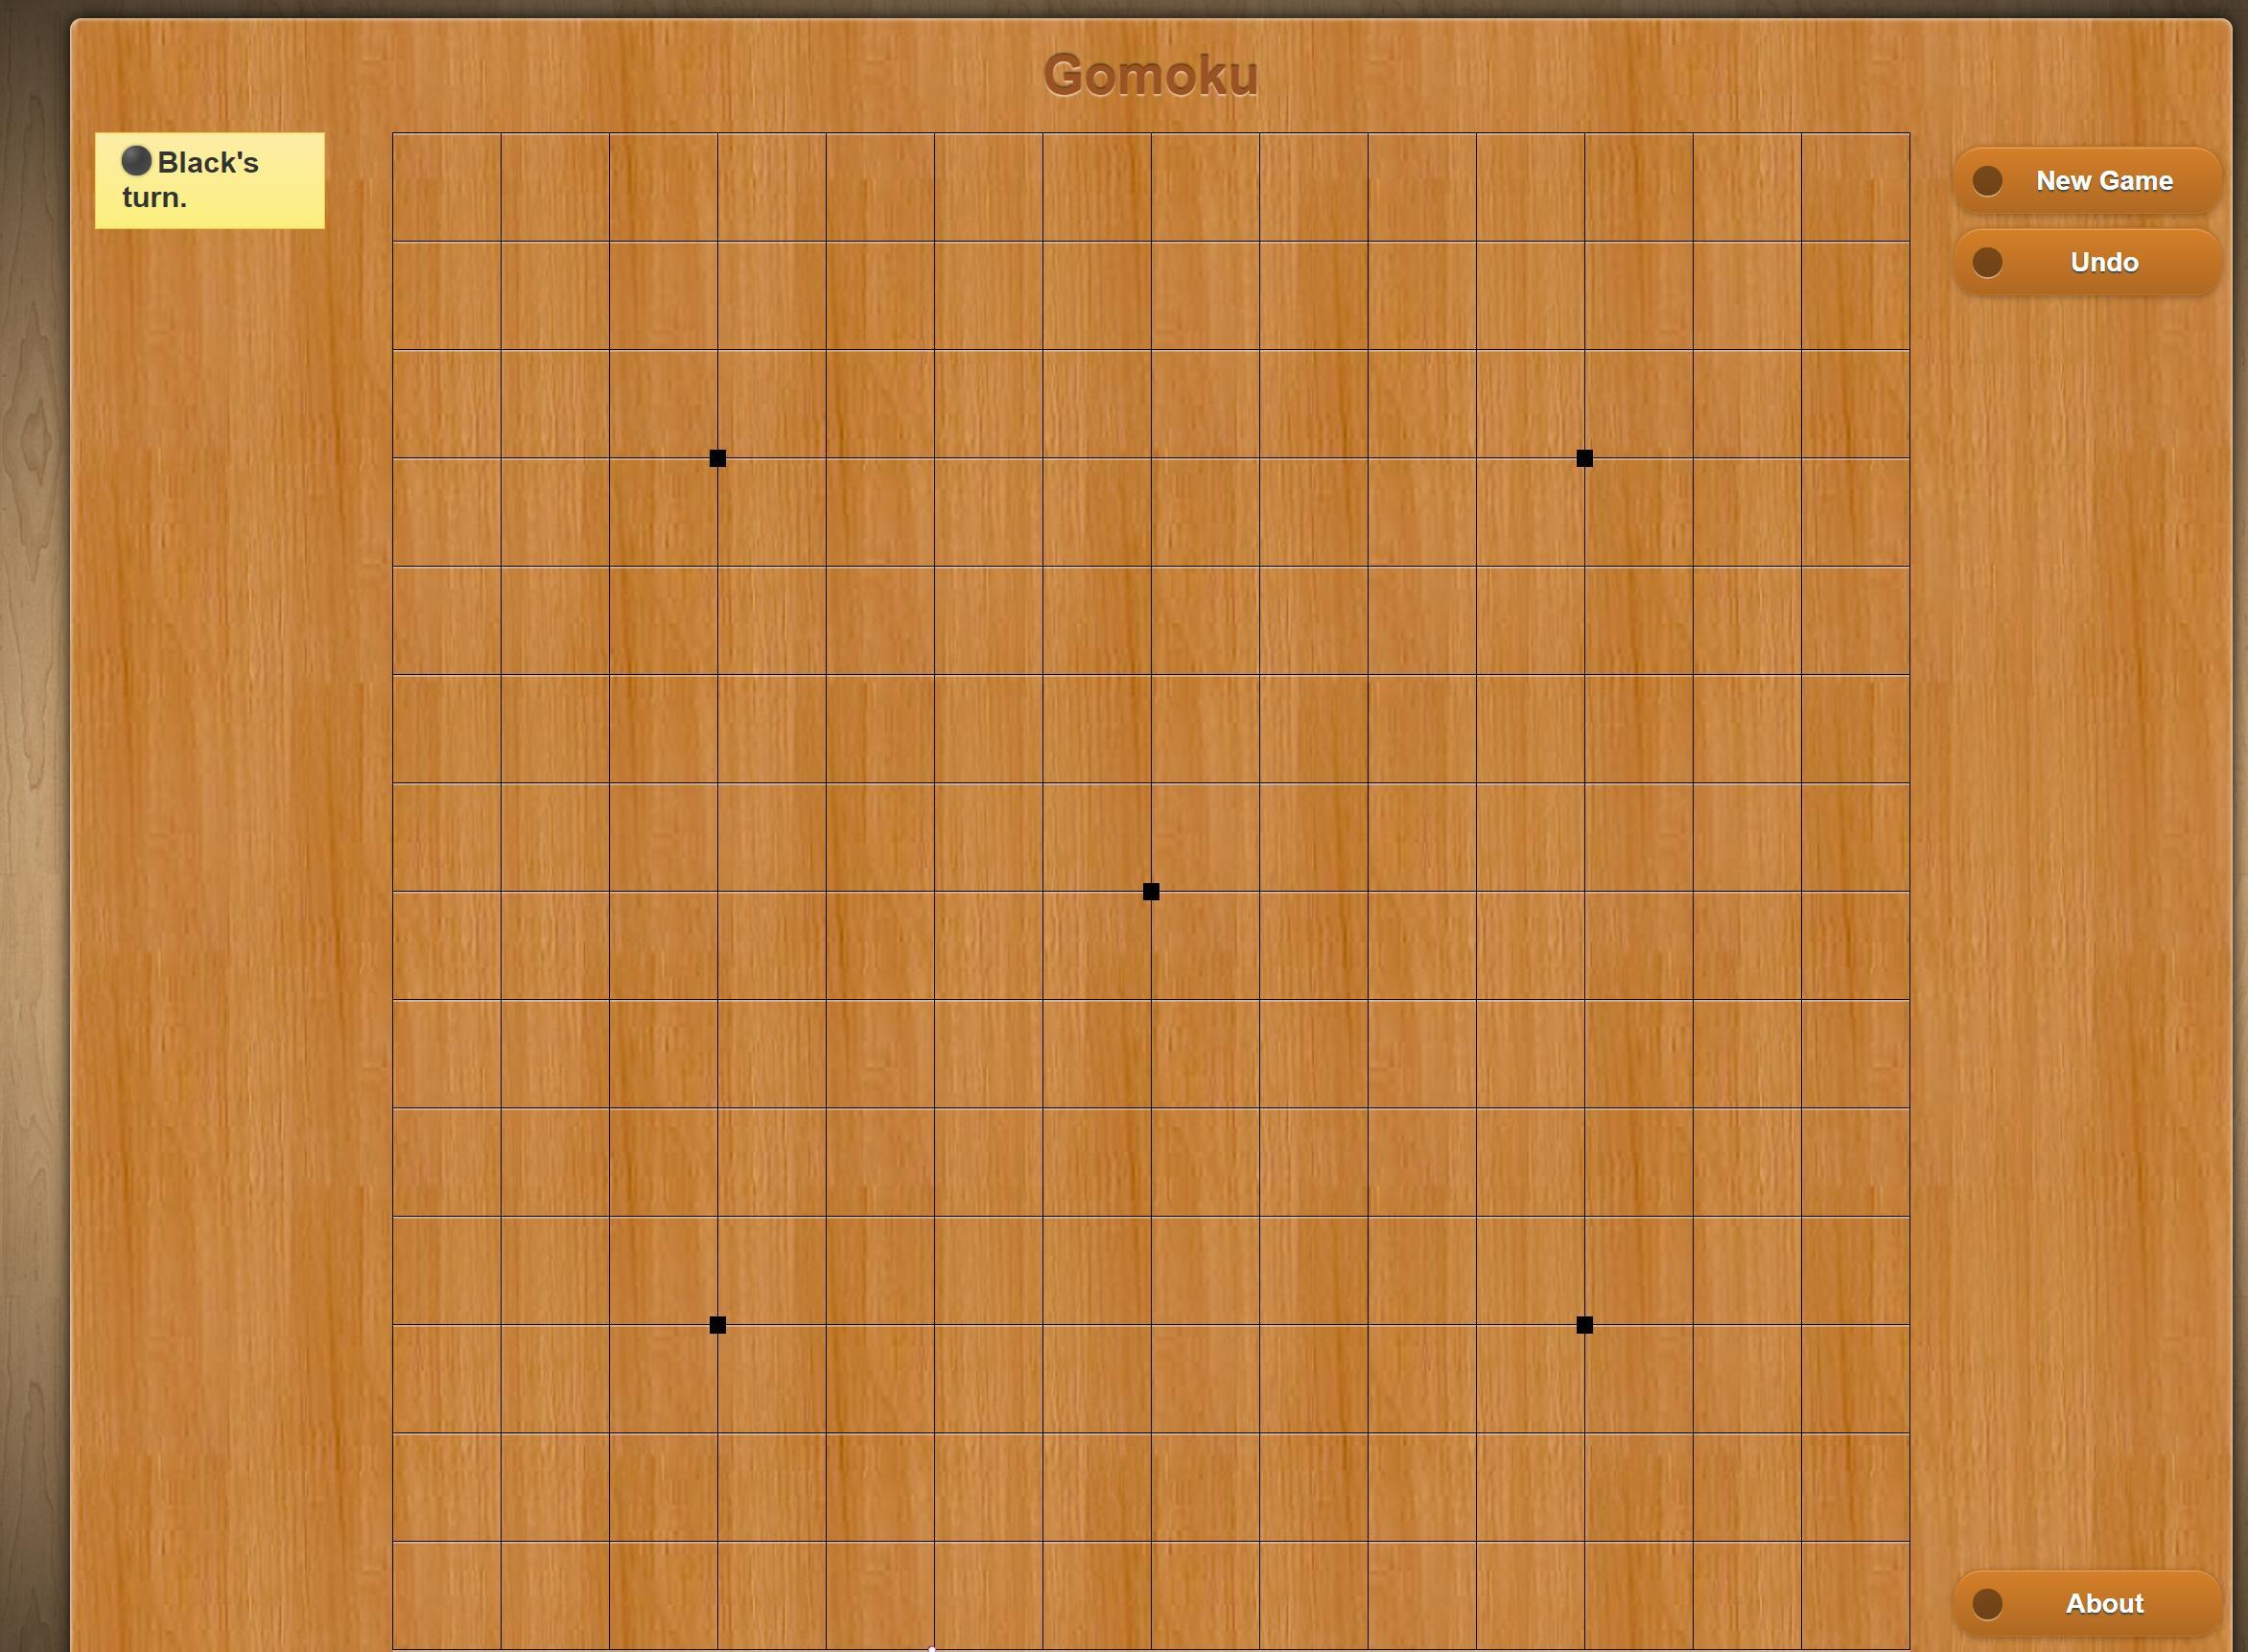 五子棋游戏.jpg